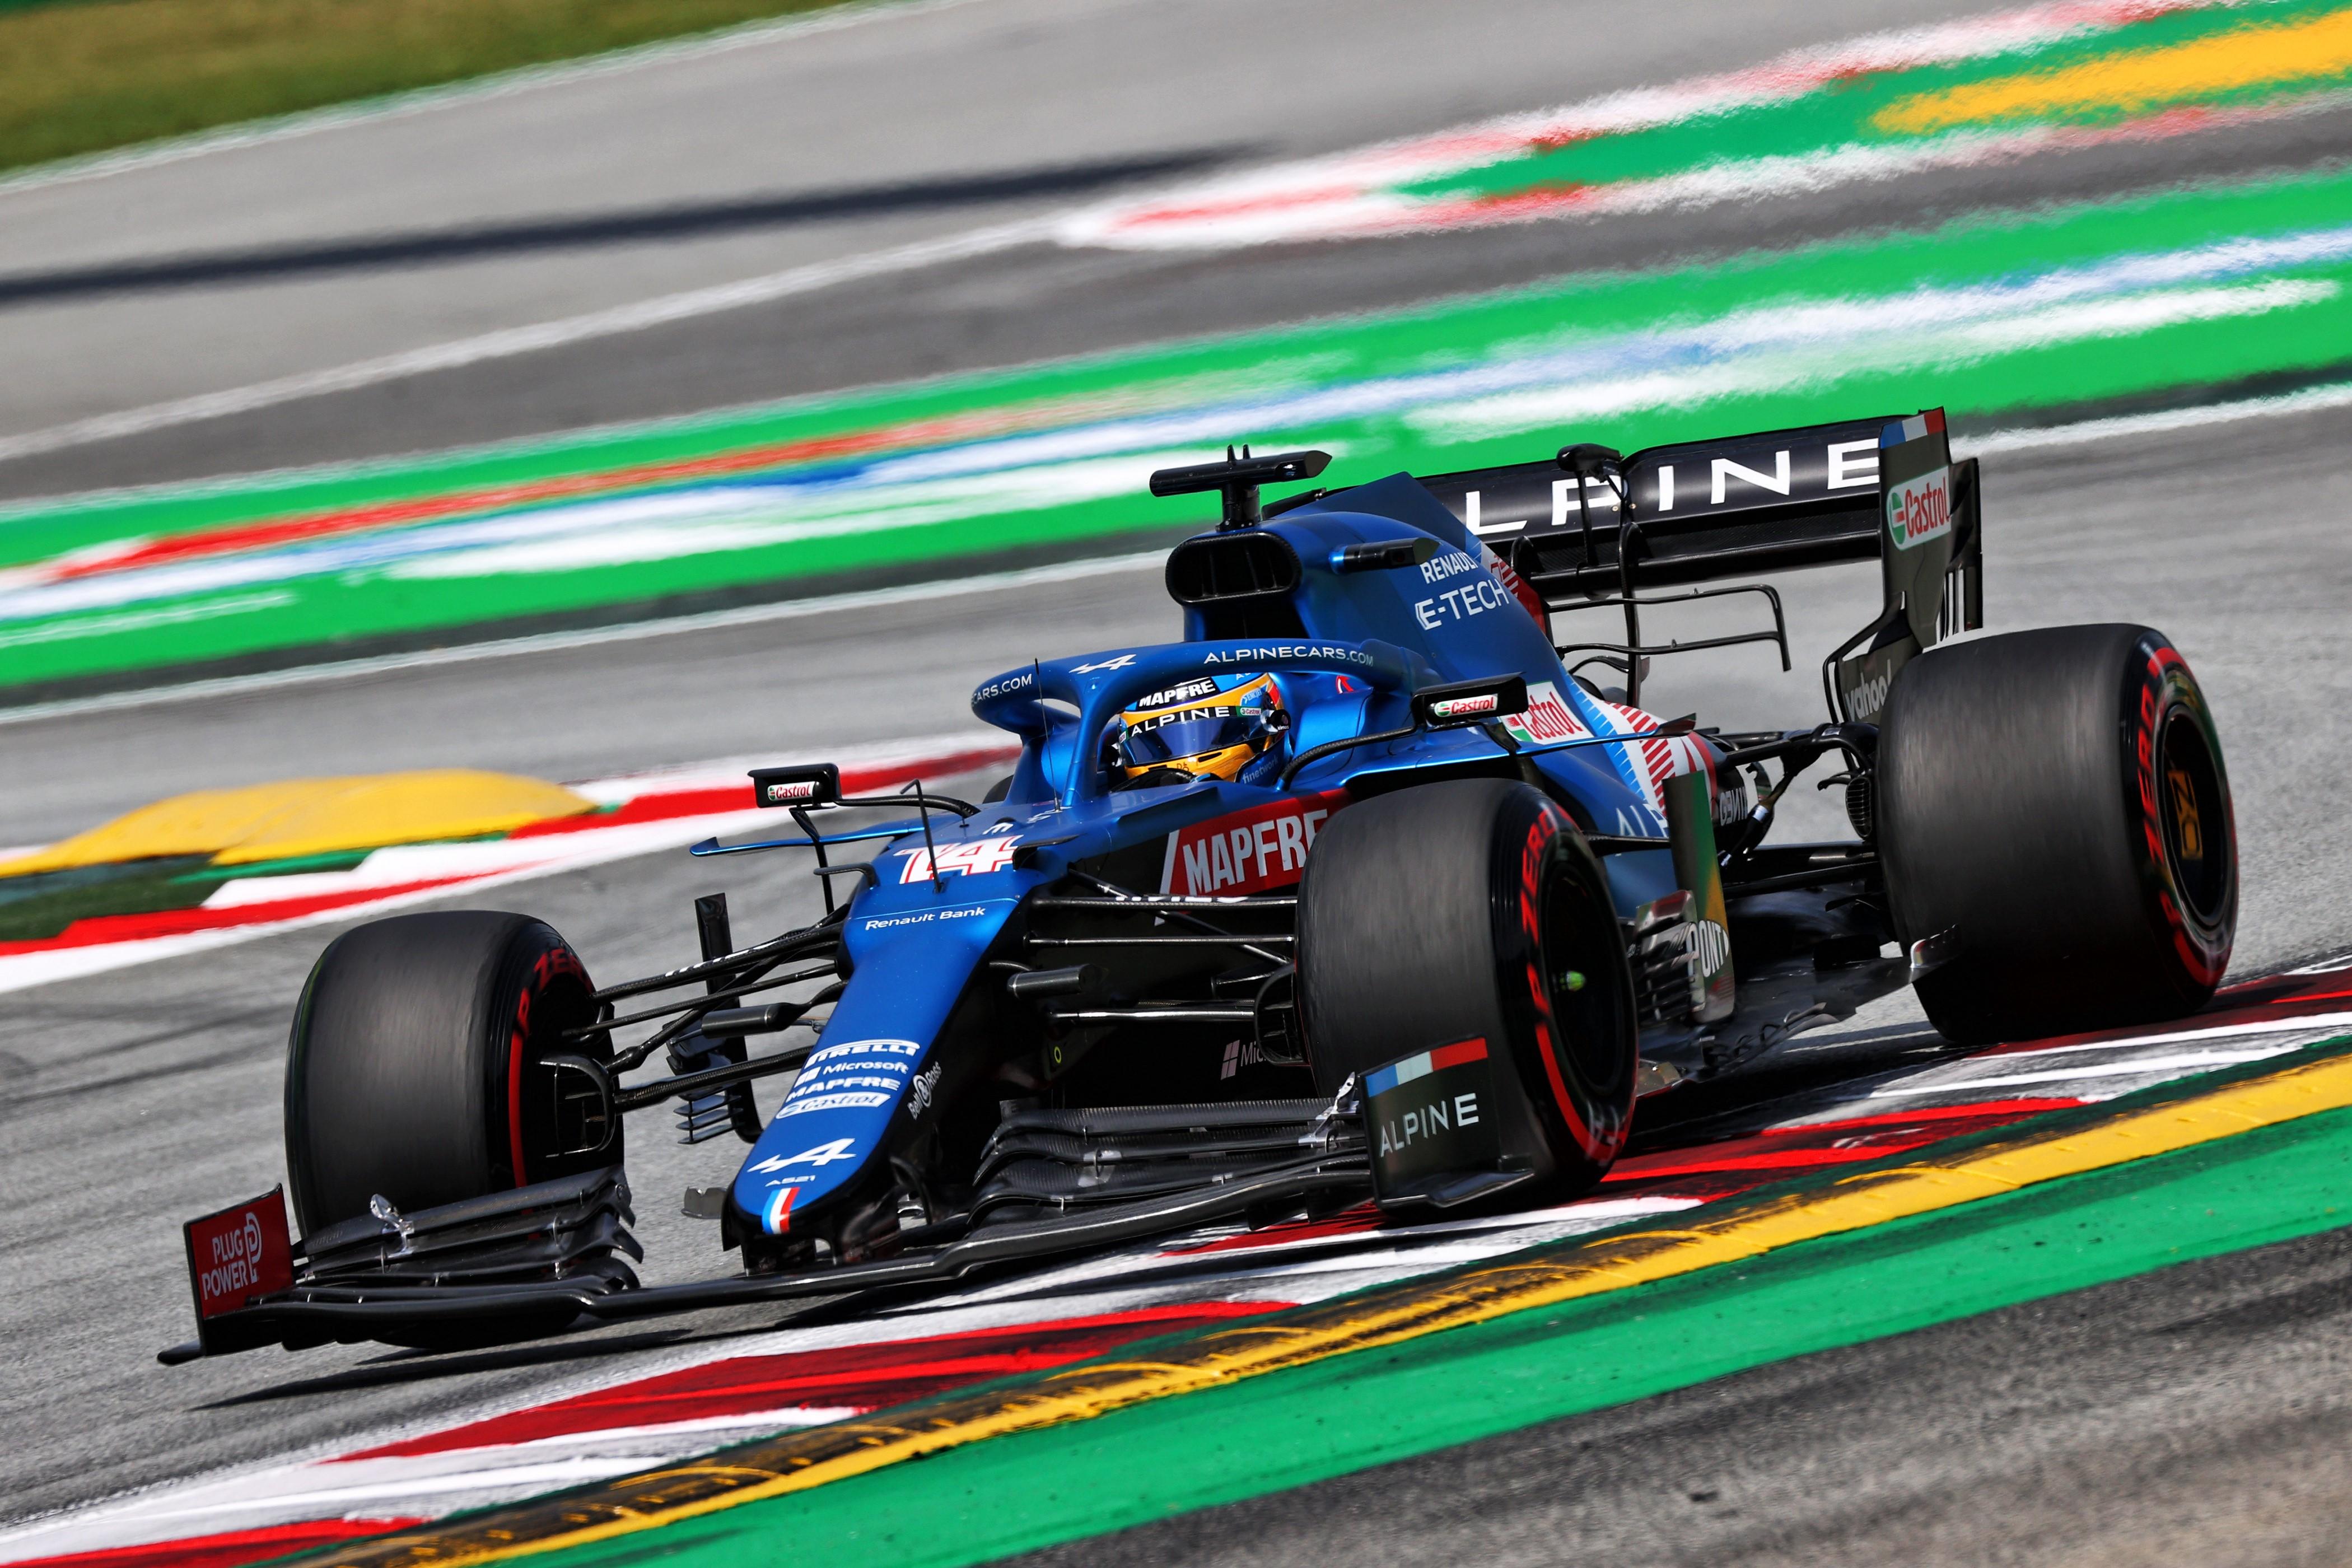 Alpine hará cambios en el A521 de Alonso para adaptarlo a su conducción